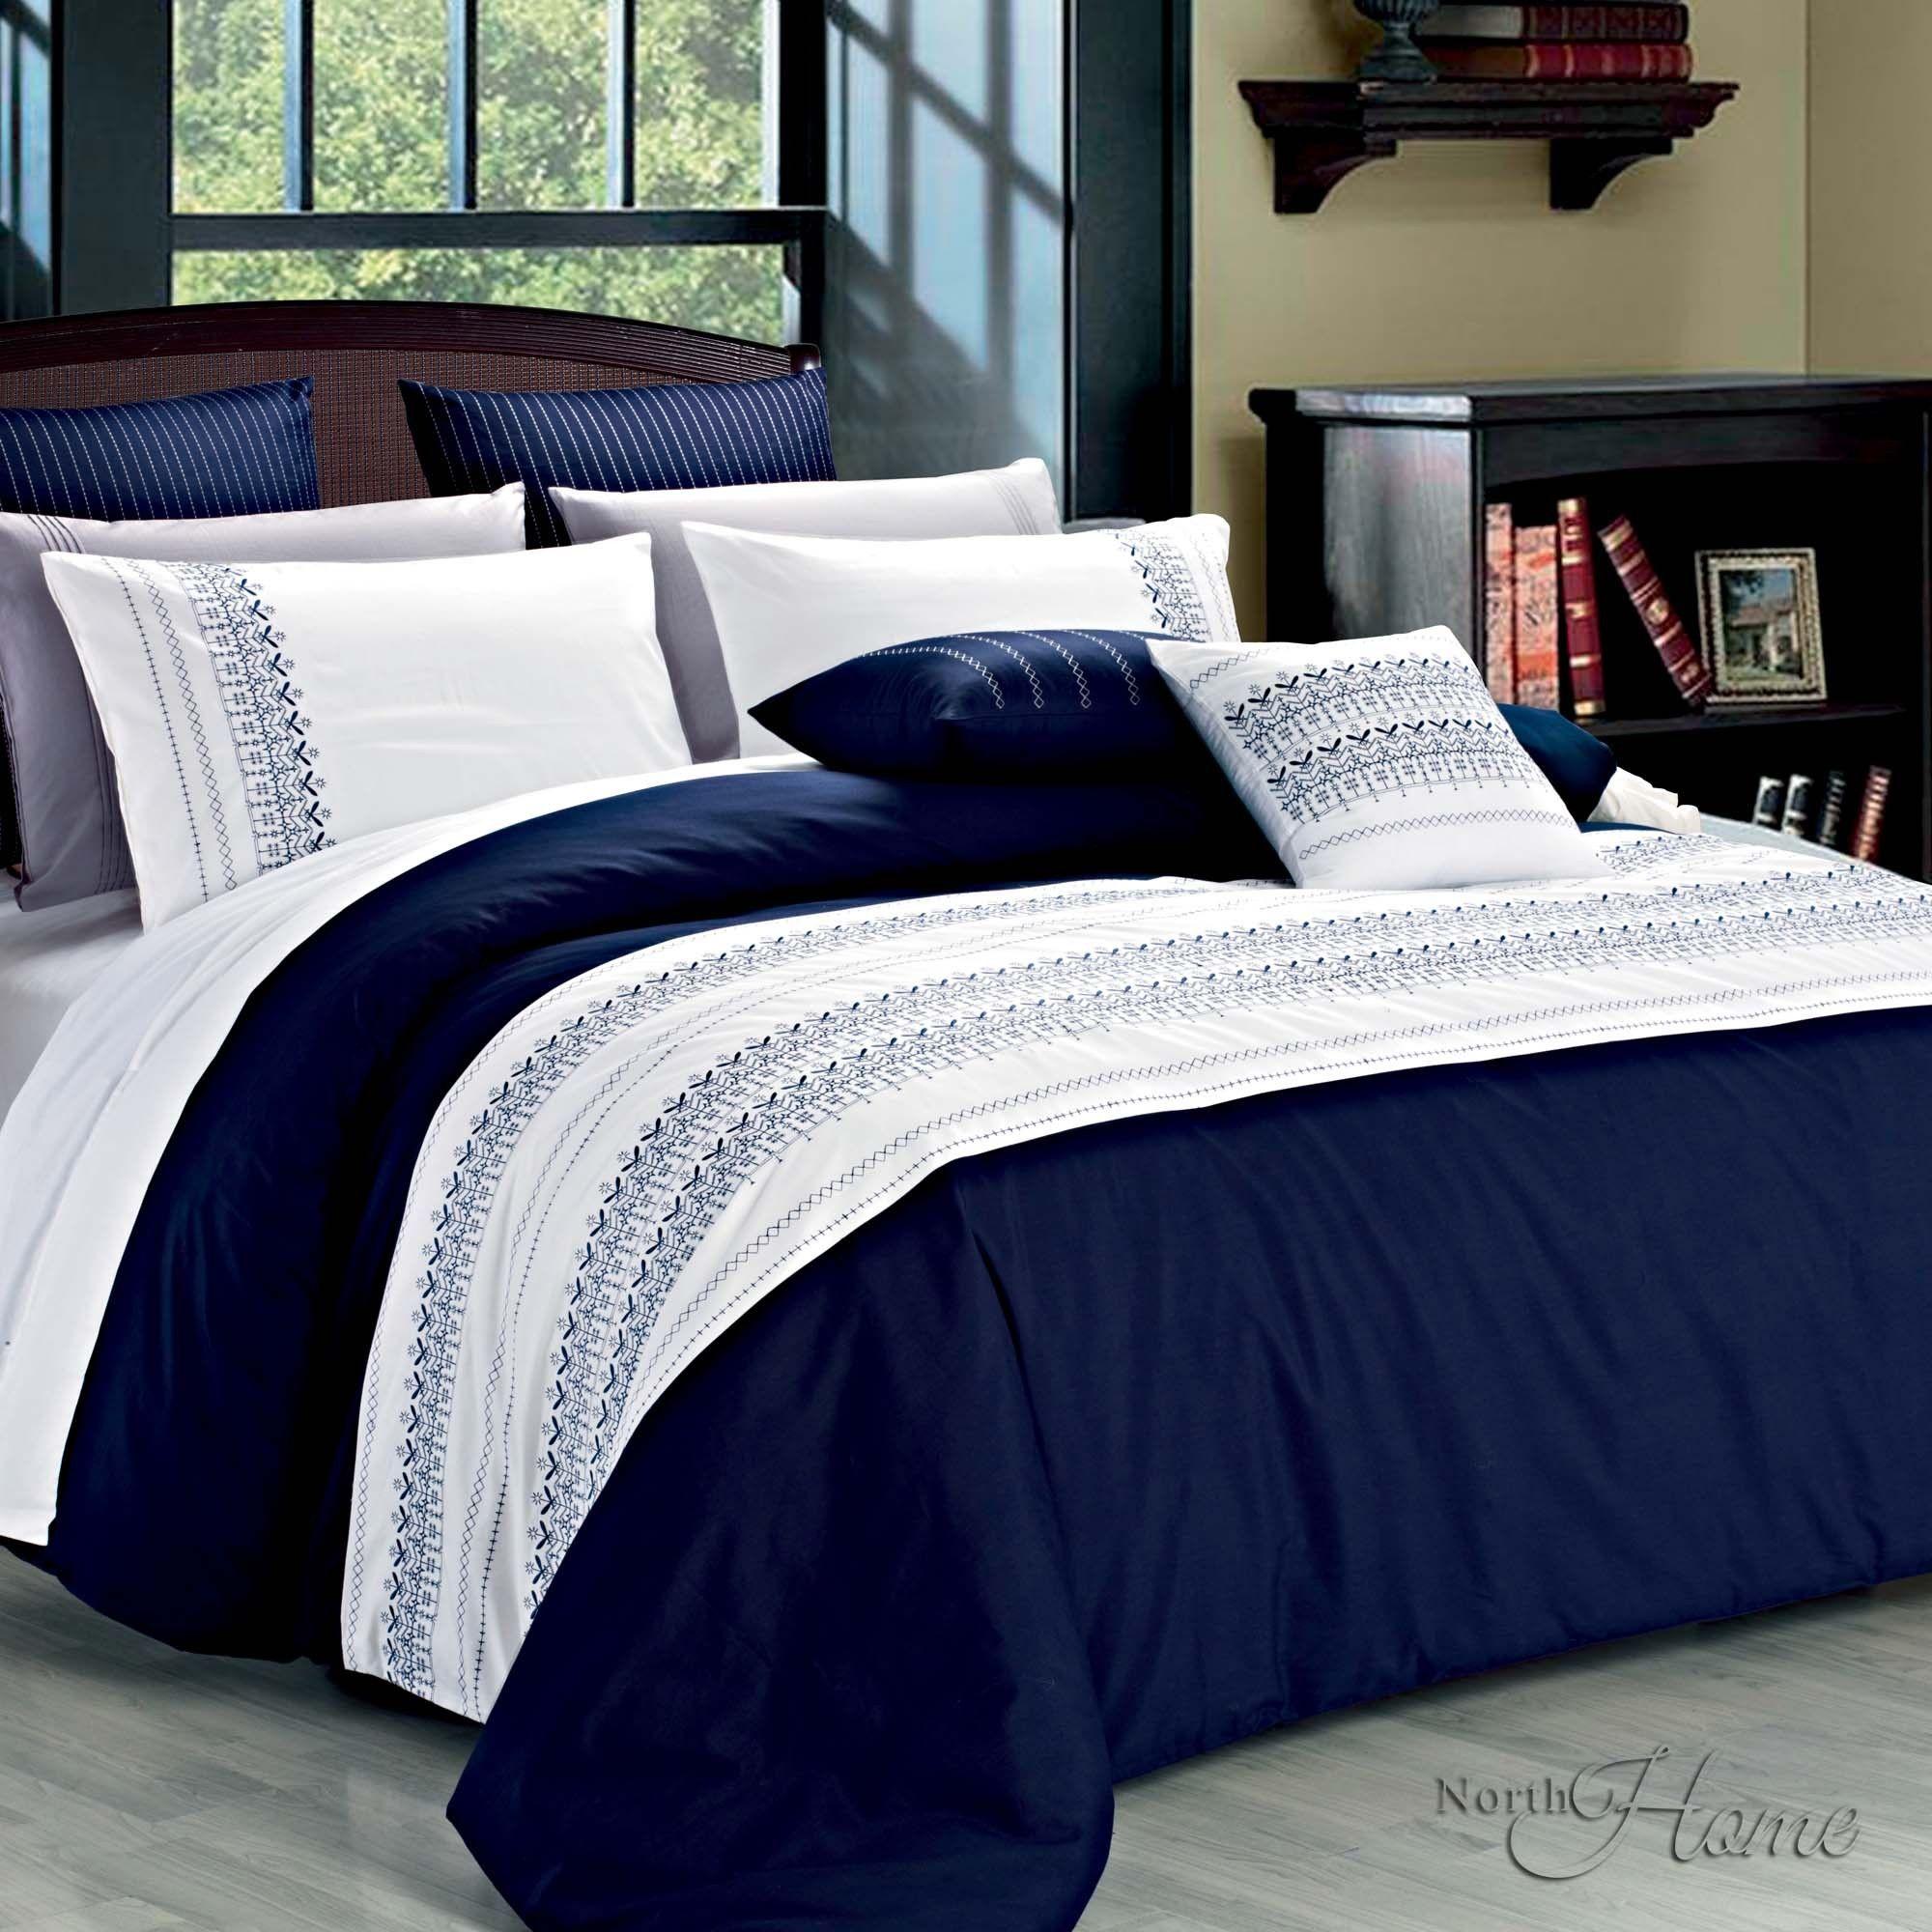 cette housse en bleu marine et blanc est combin e avec une broderie fantaisie d co maison. Black Bedroom Furniture Sets. Home Design Ideas